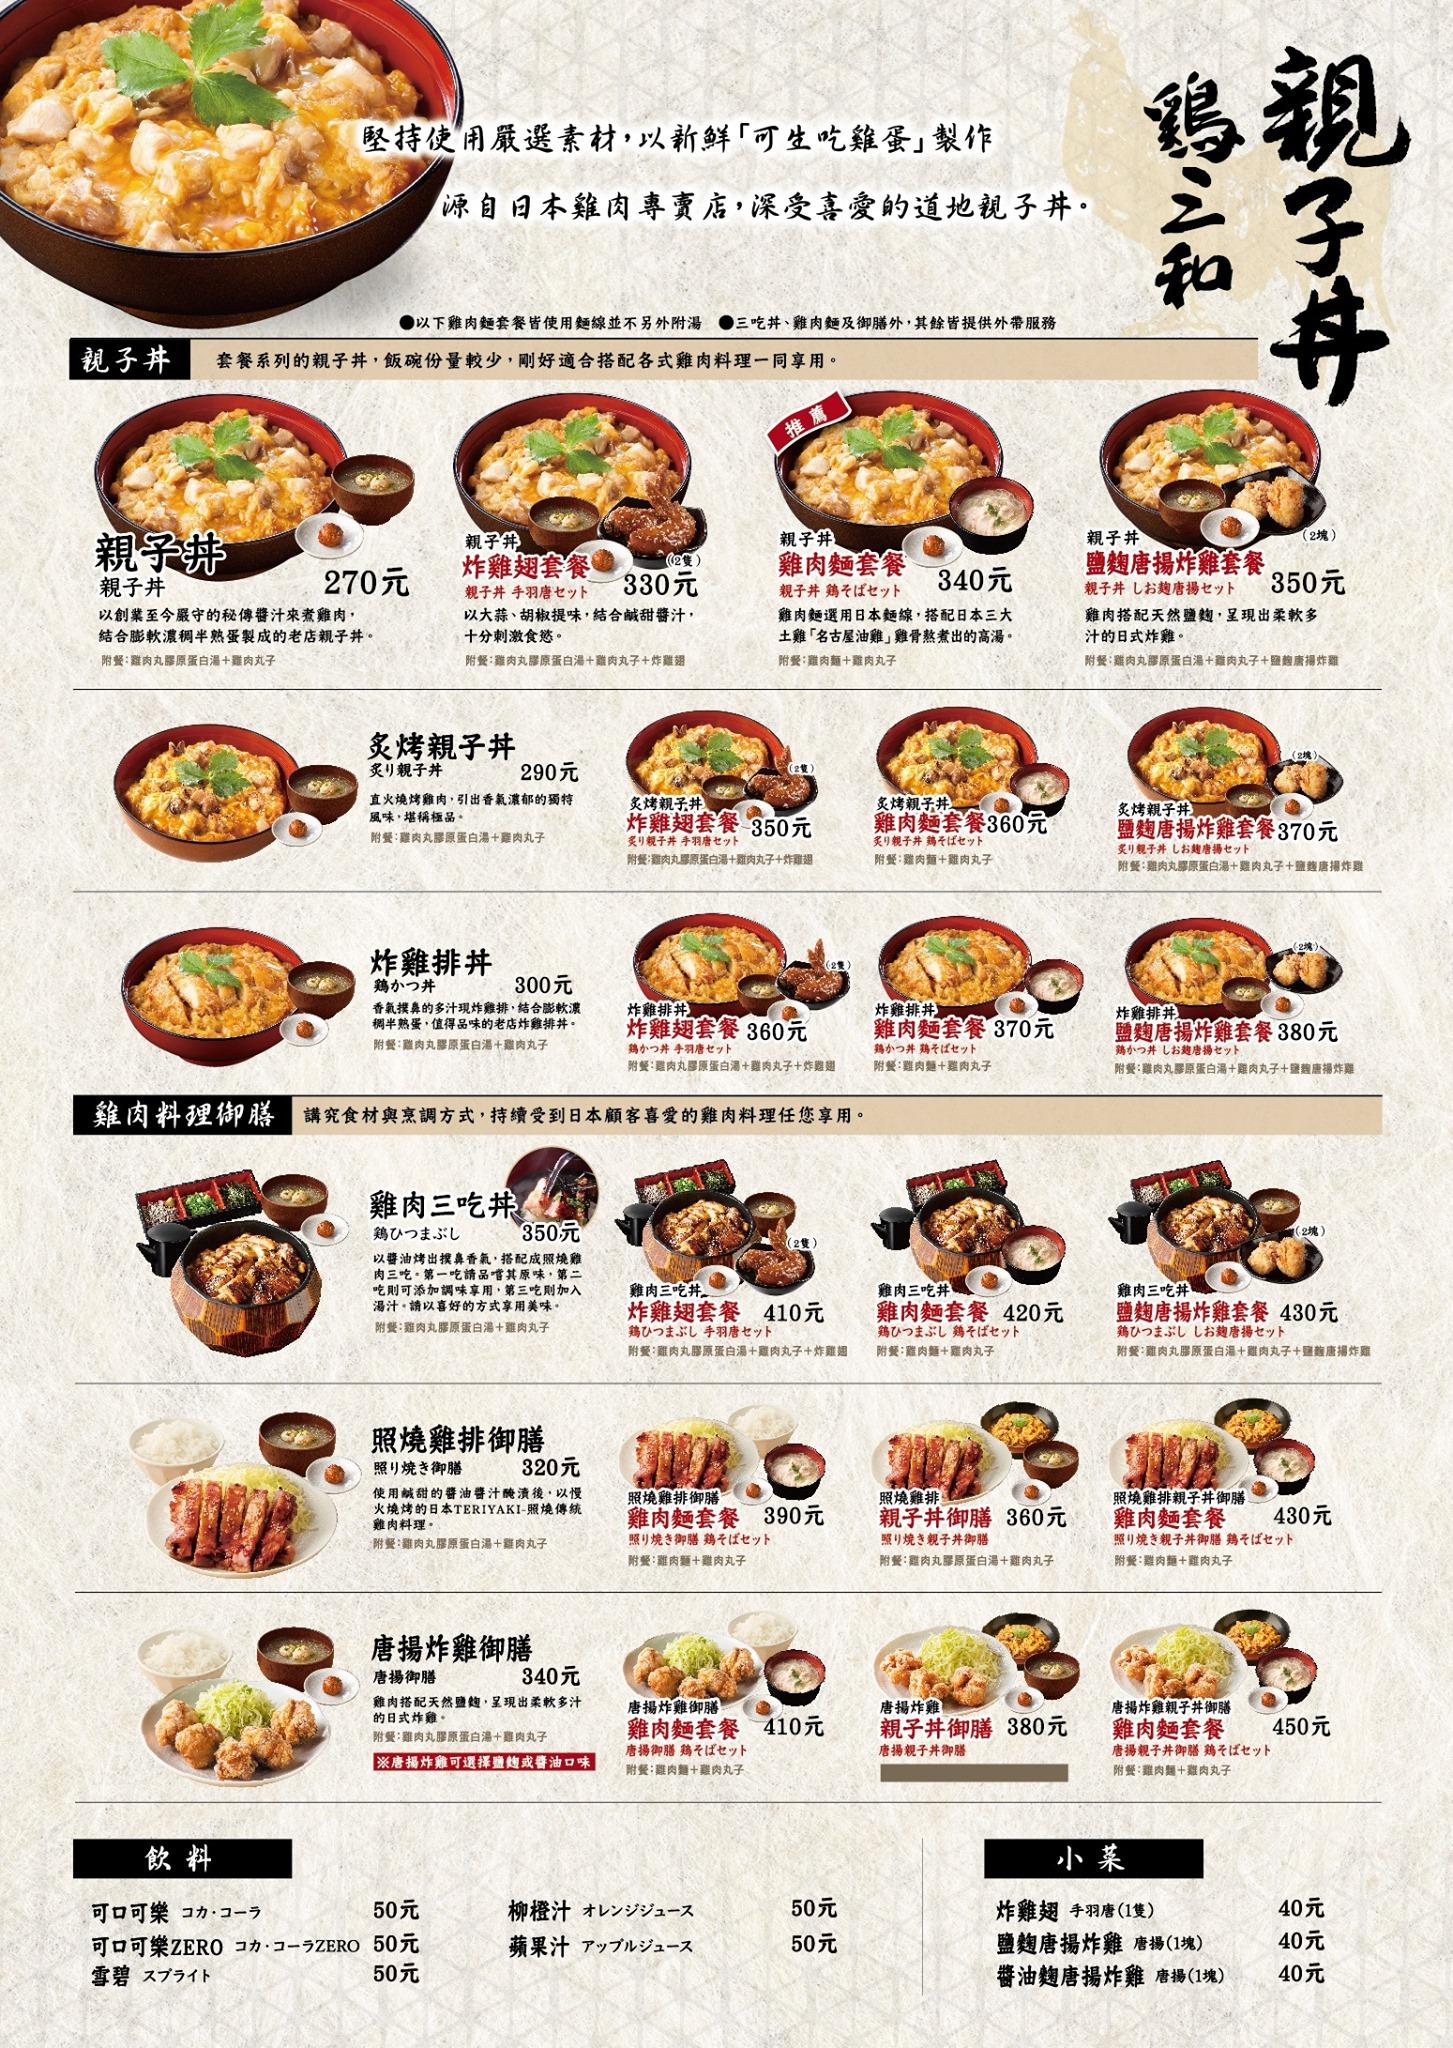 雞三和三井台中港店菜單MENU